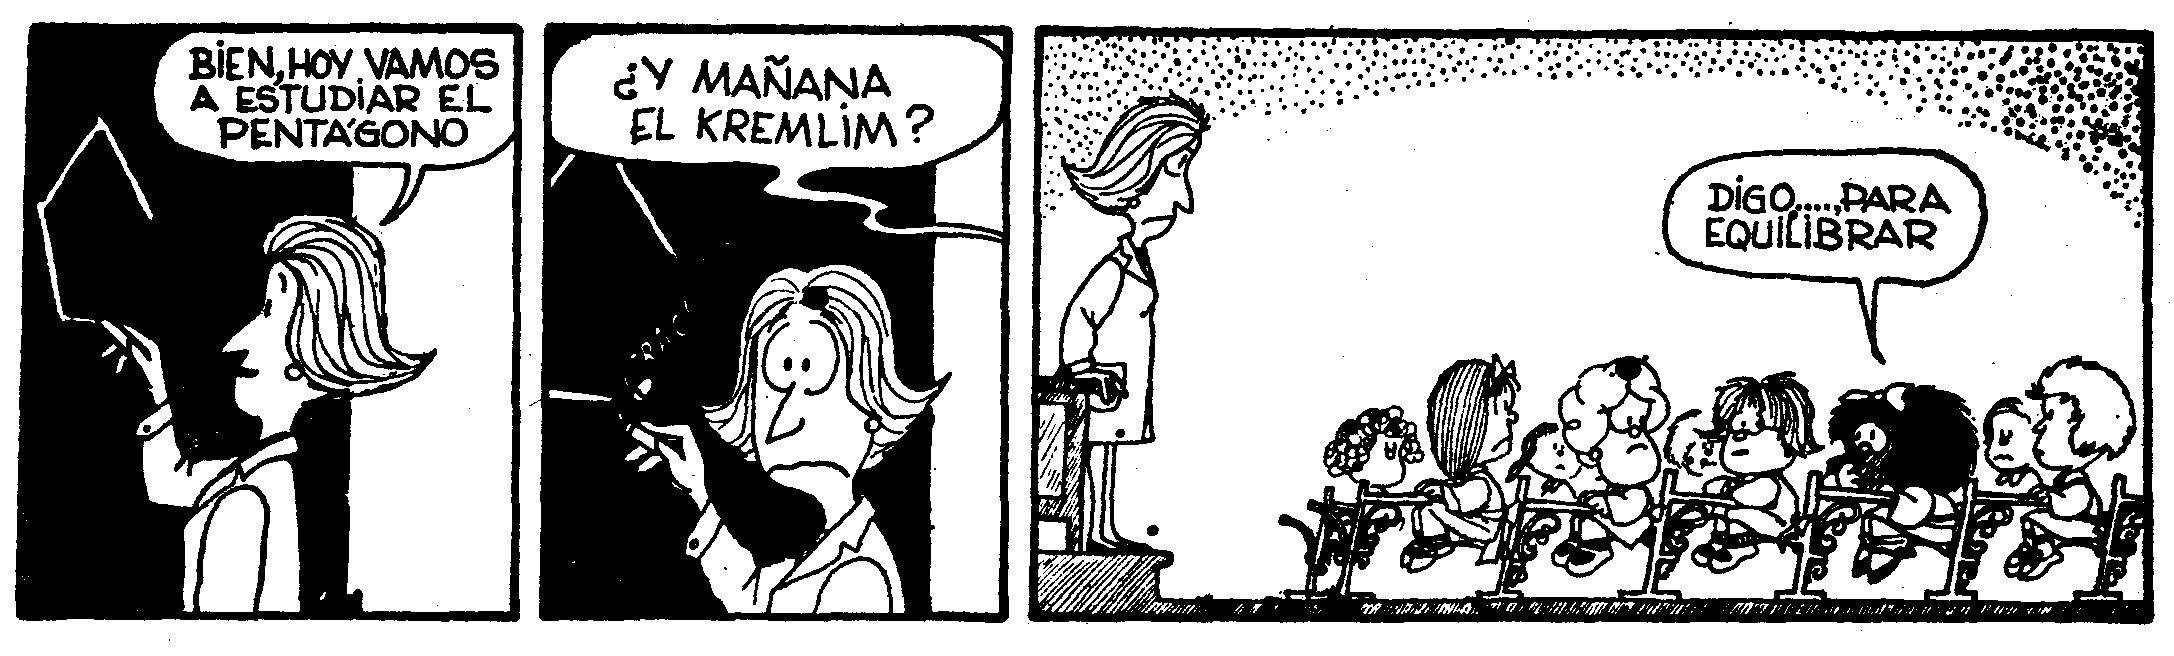 divergente-mafalda